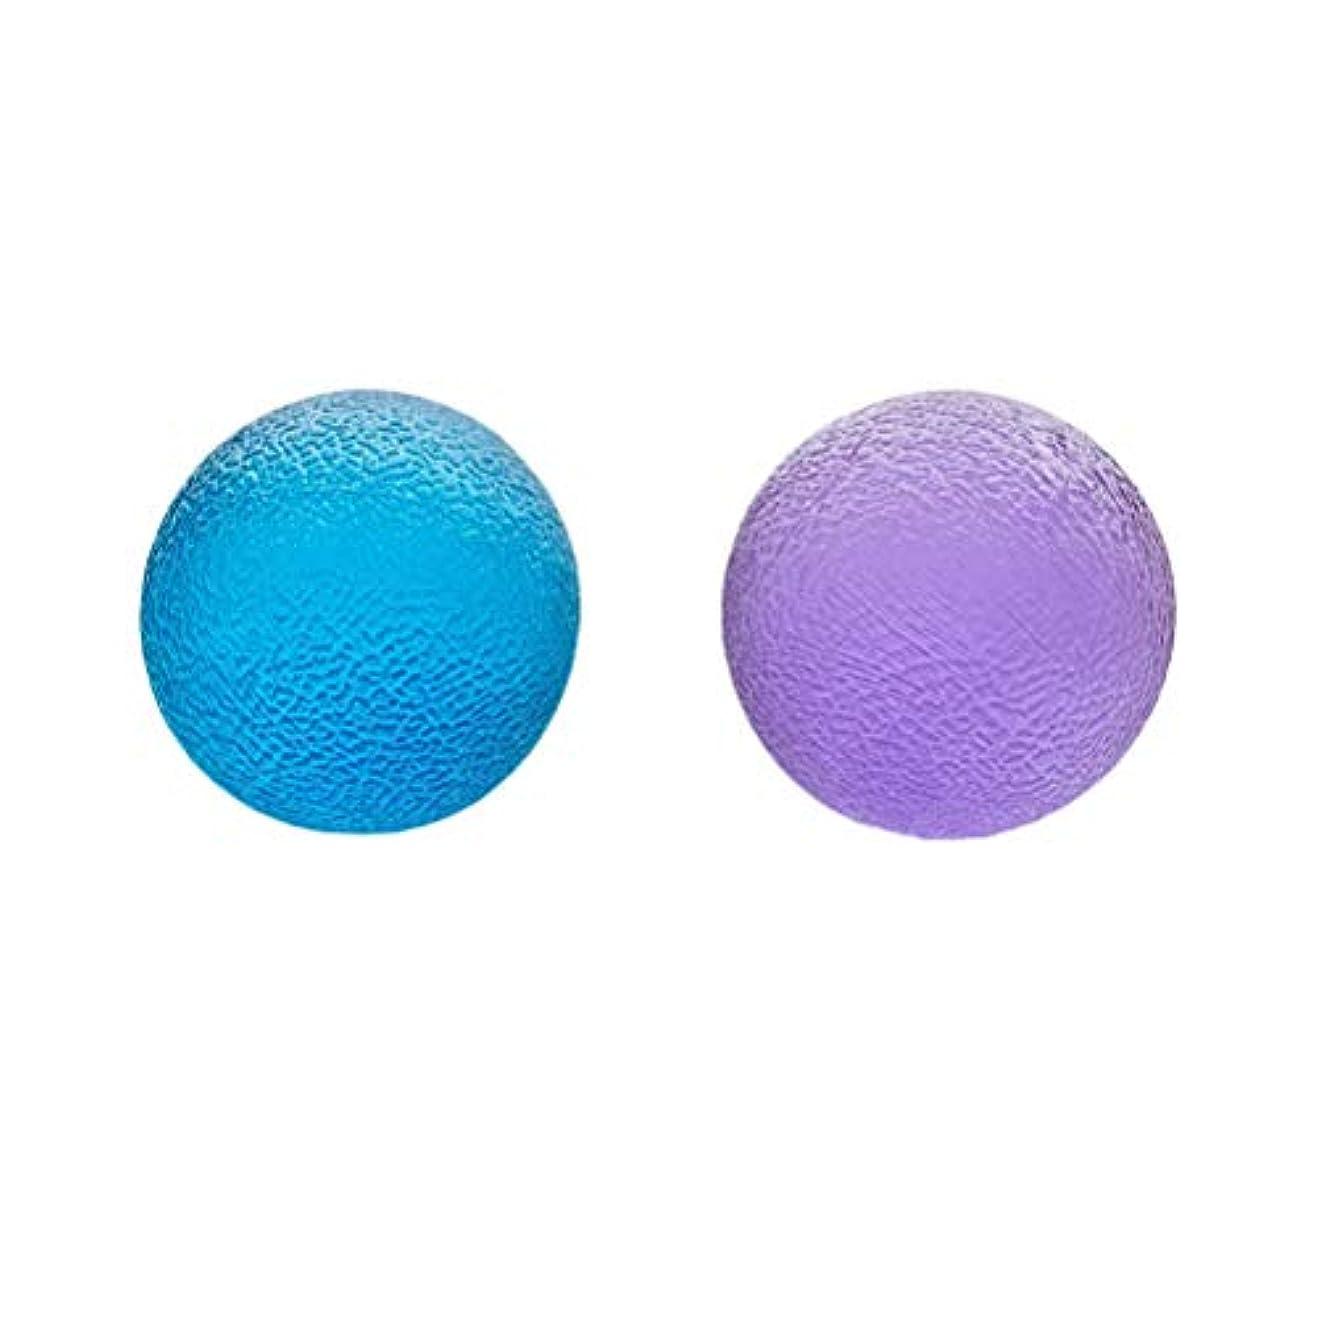 ドット味方玉ねぎSUPVOX 2本ハンドグリップ強化ツールワークアウトグリップ強度トレーナーボール強化ツール関節炎指ハンド(ブルーパープル)